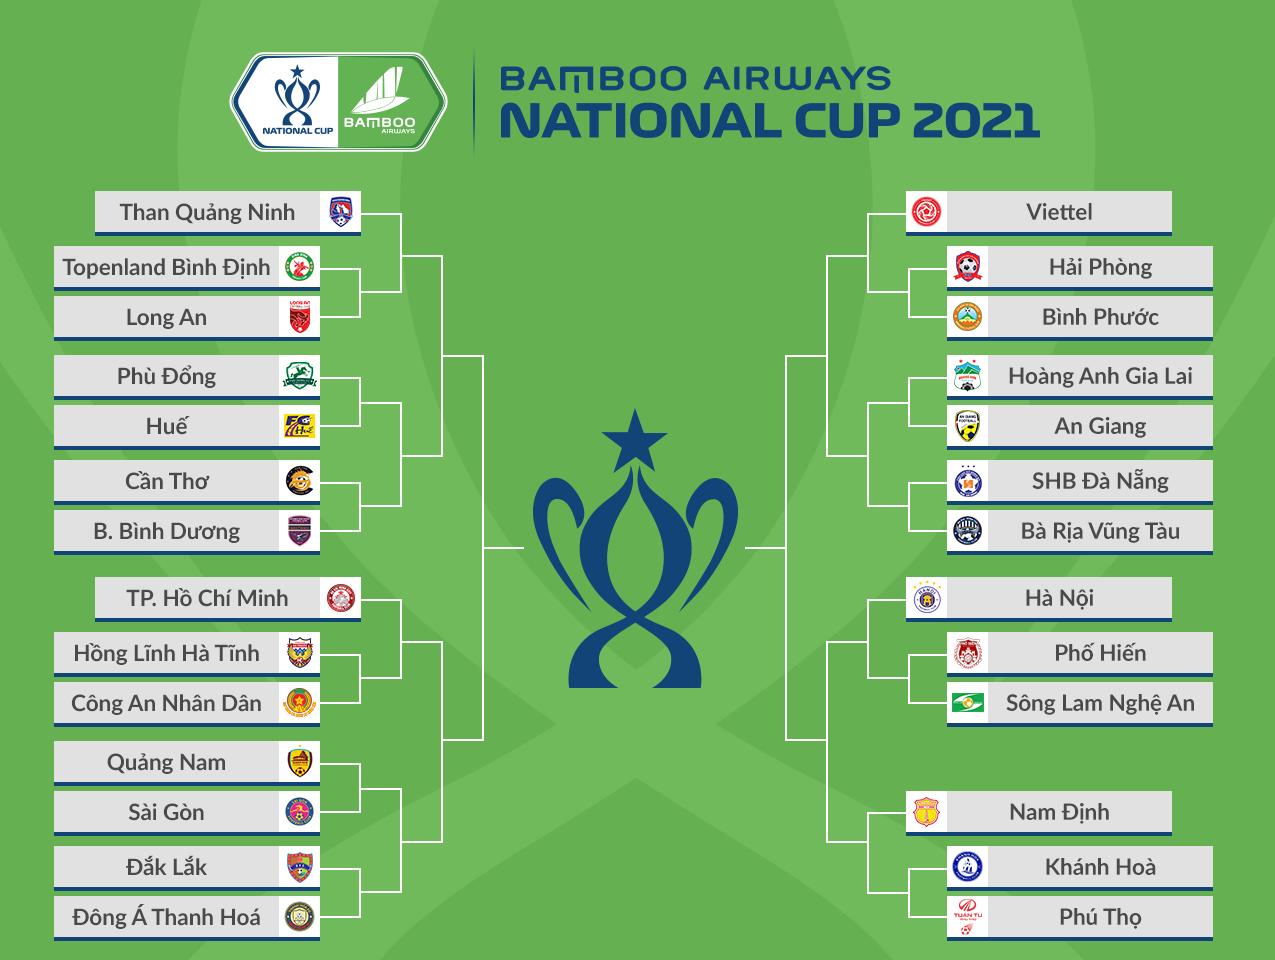 Lịch thi đấu vòng loại Cúp Quốc gia 2021